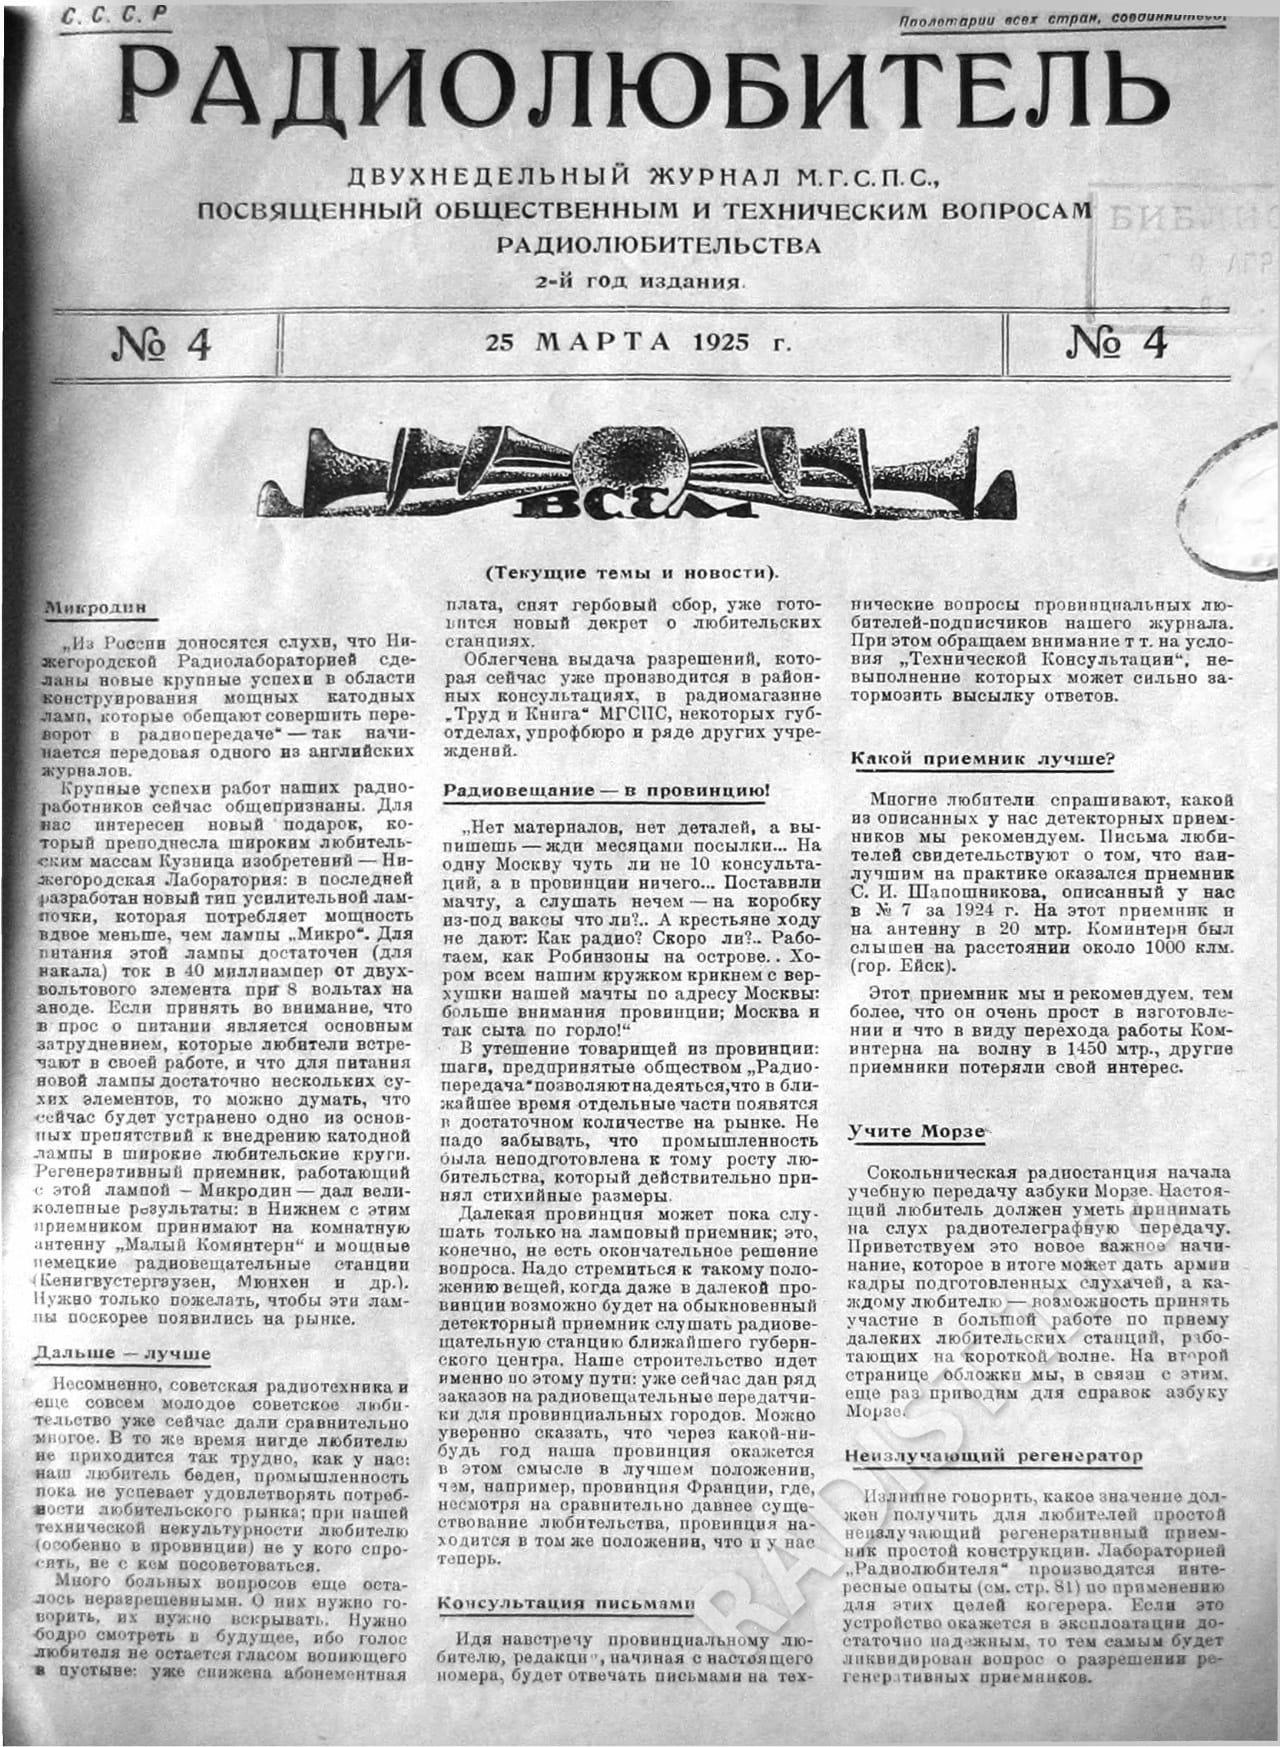 Обложка журнала «Радиолюбитель», выпуск №4, 25 марта 1925 г.